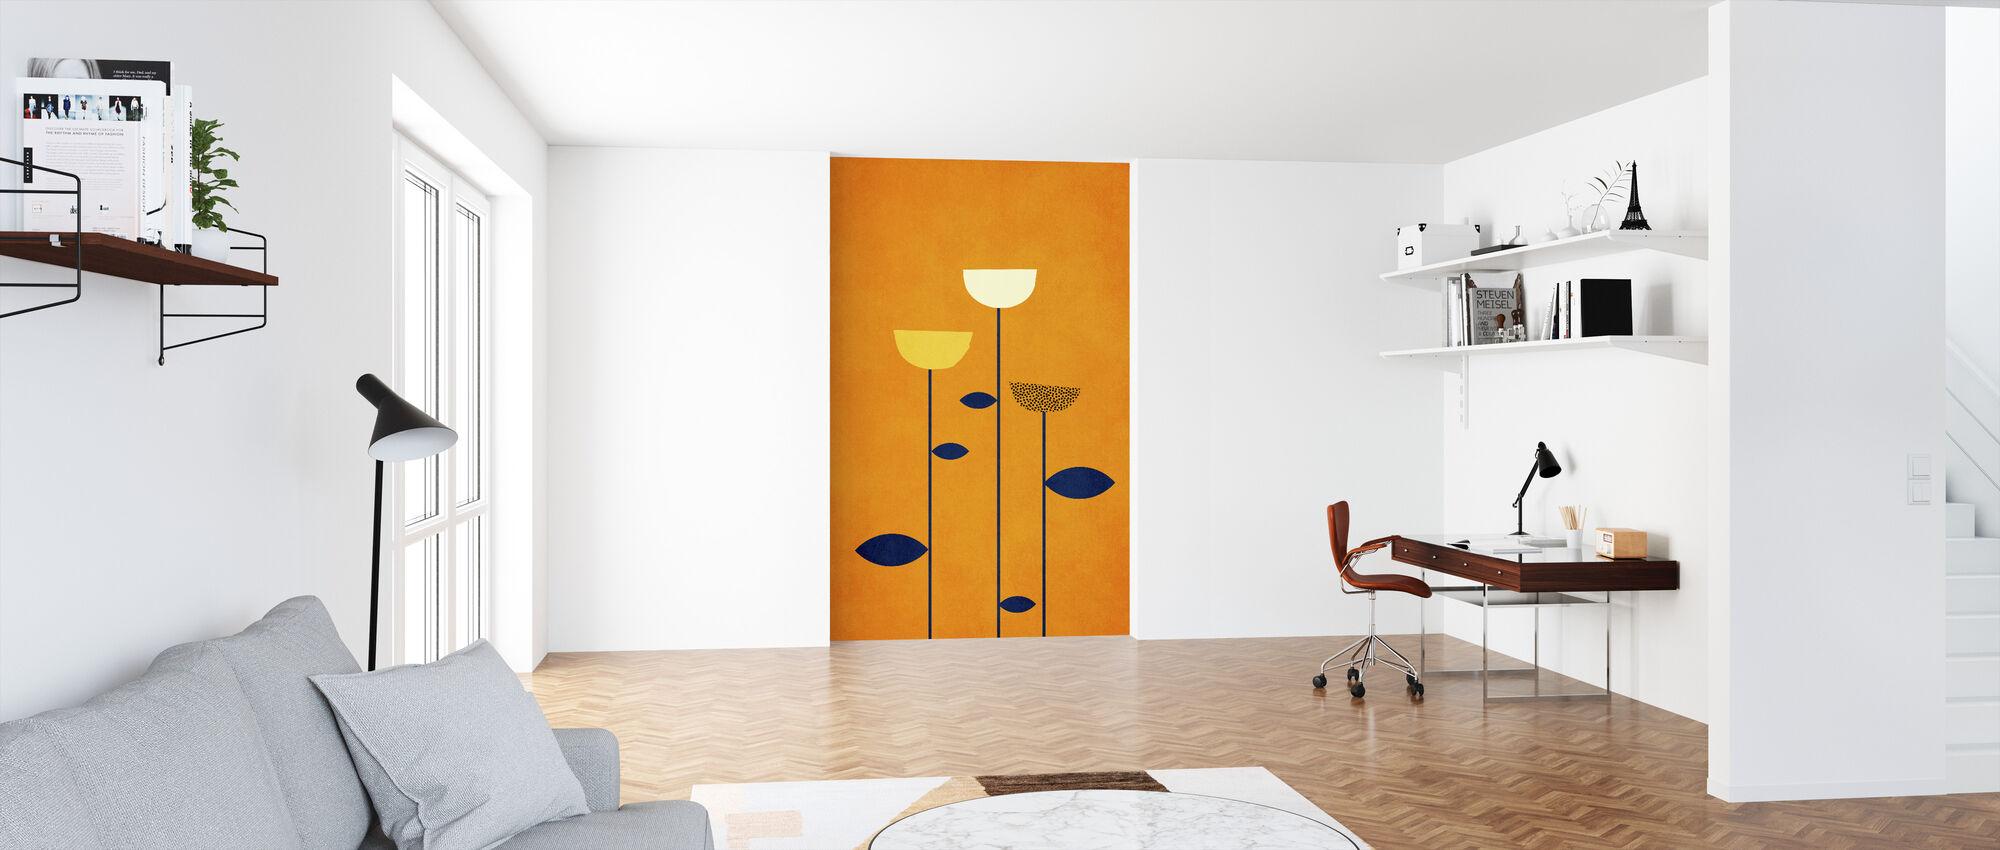 Little Family - Wallpaper - Office